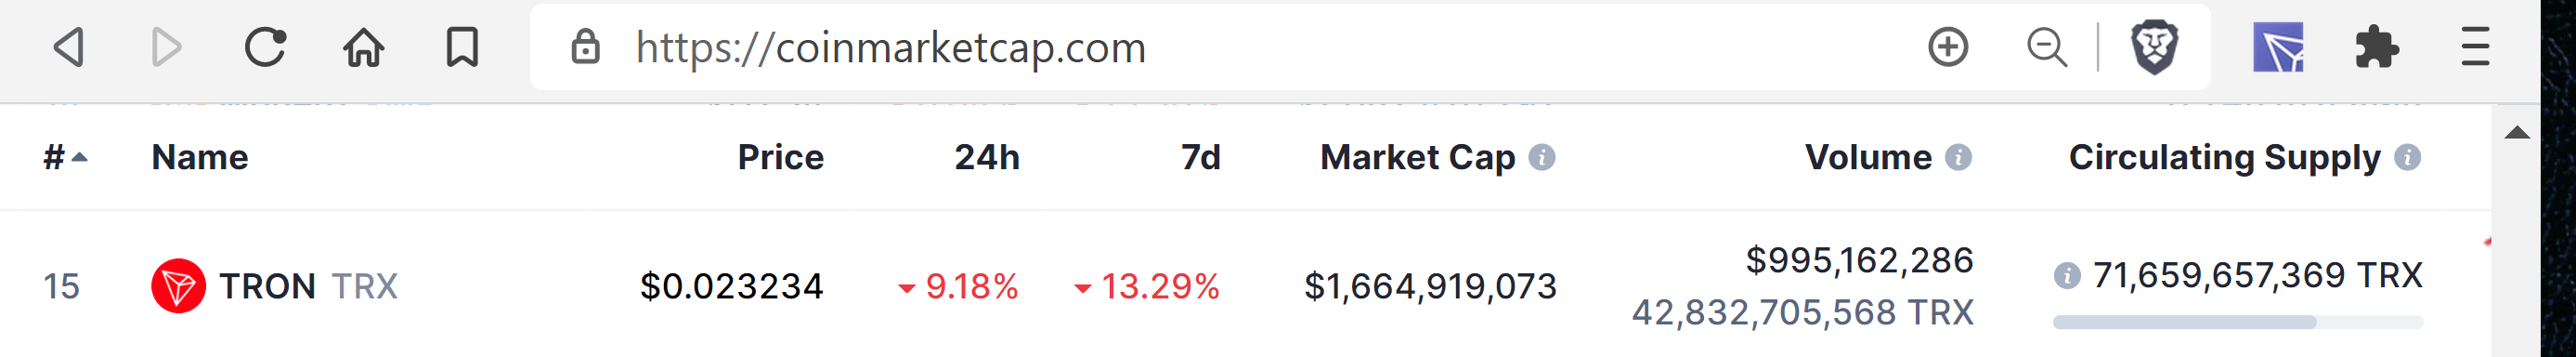 coinmarketcap.com currencies tron